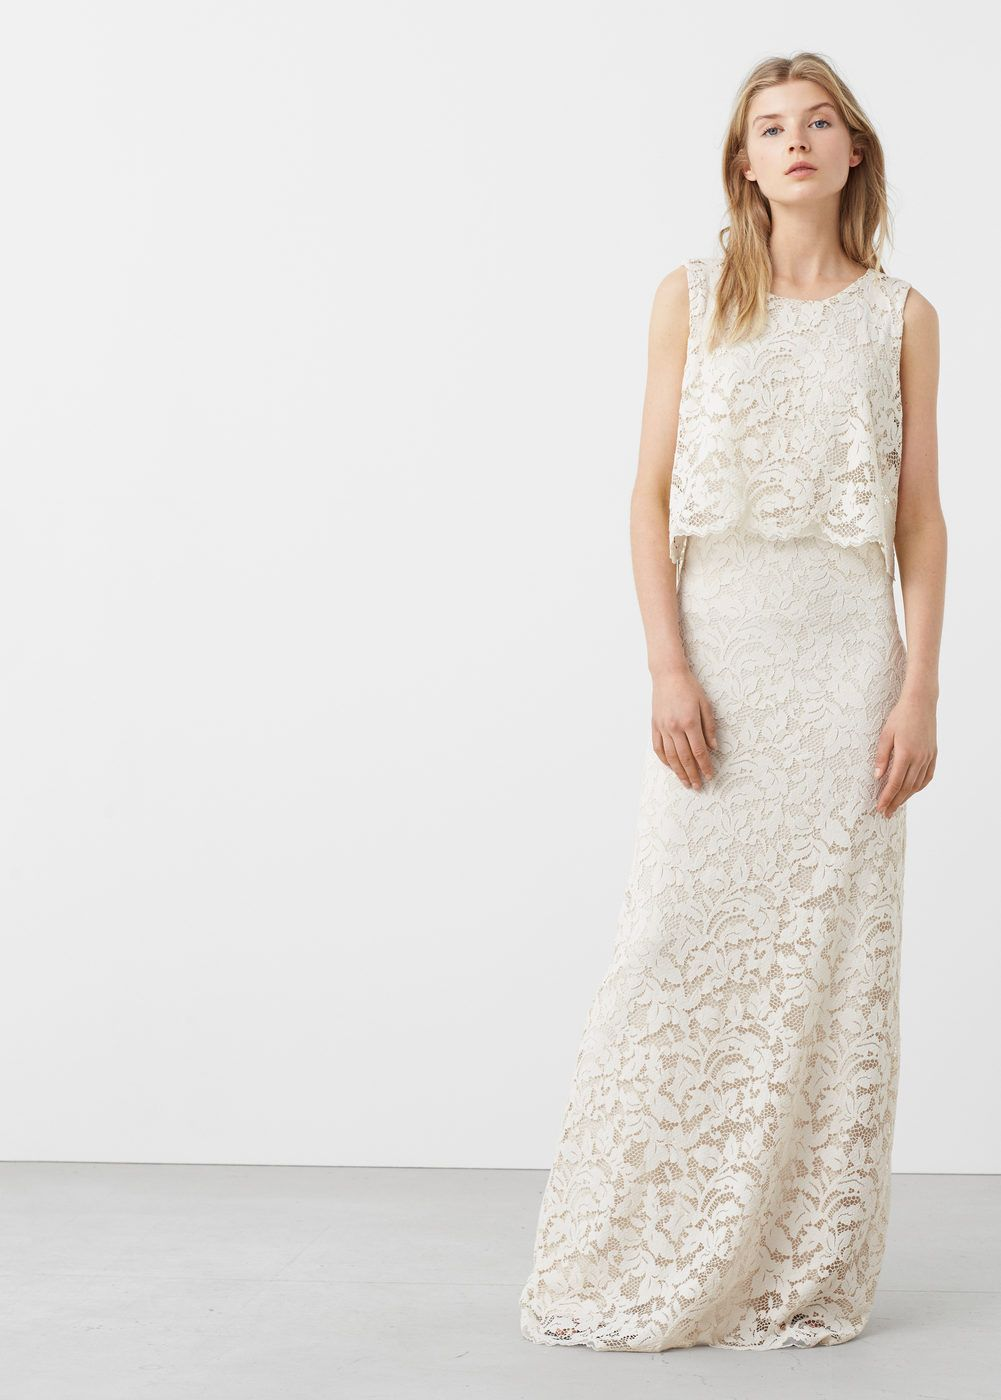 Kleid aus gipürespitze - Damen | Mango, Brautkleid und Kleider